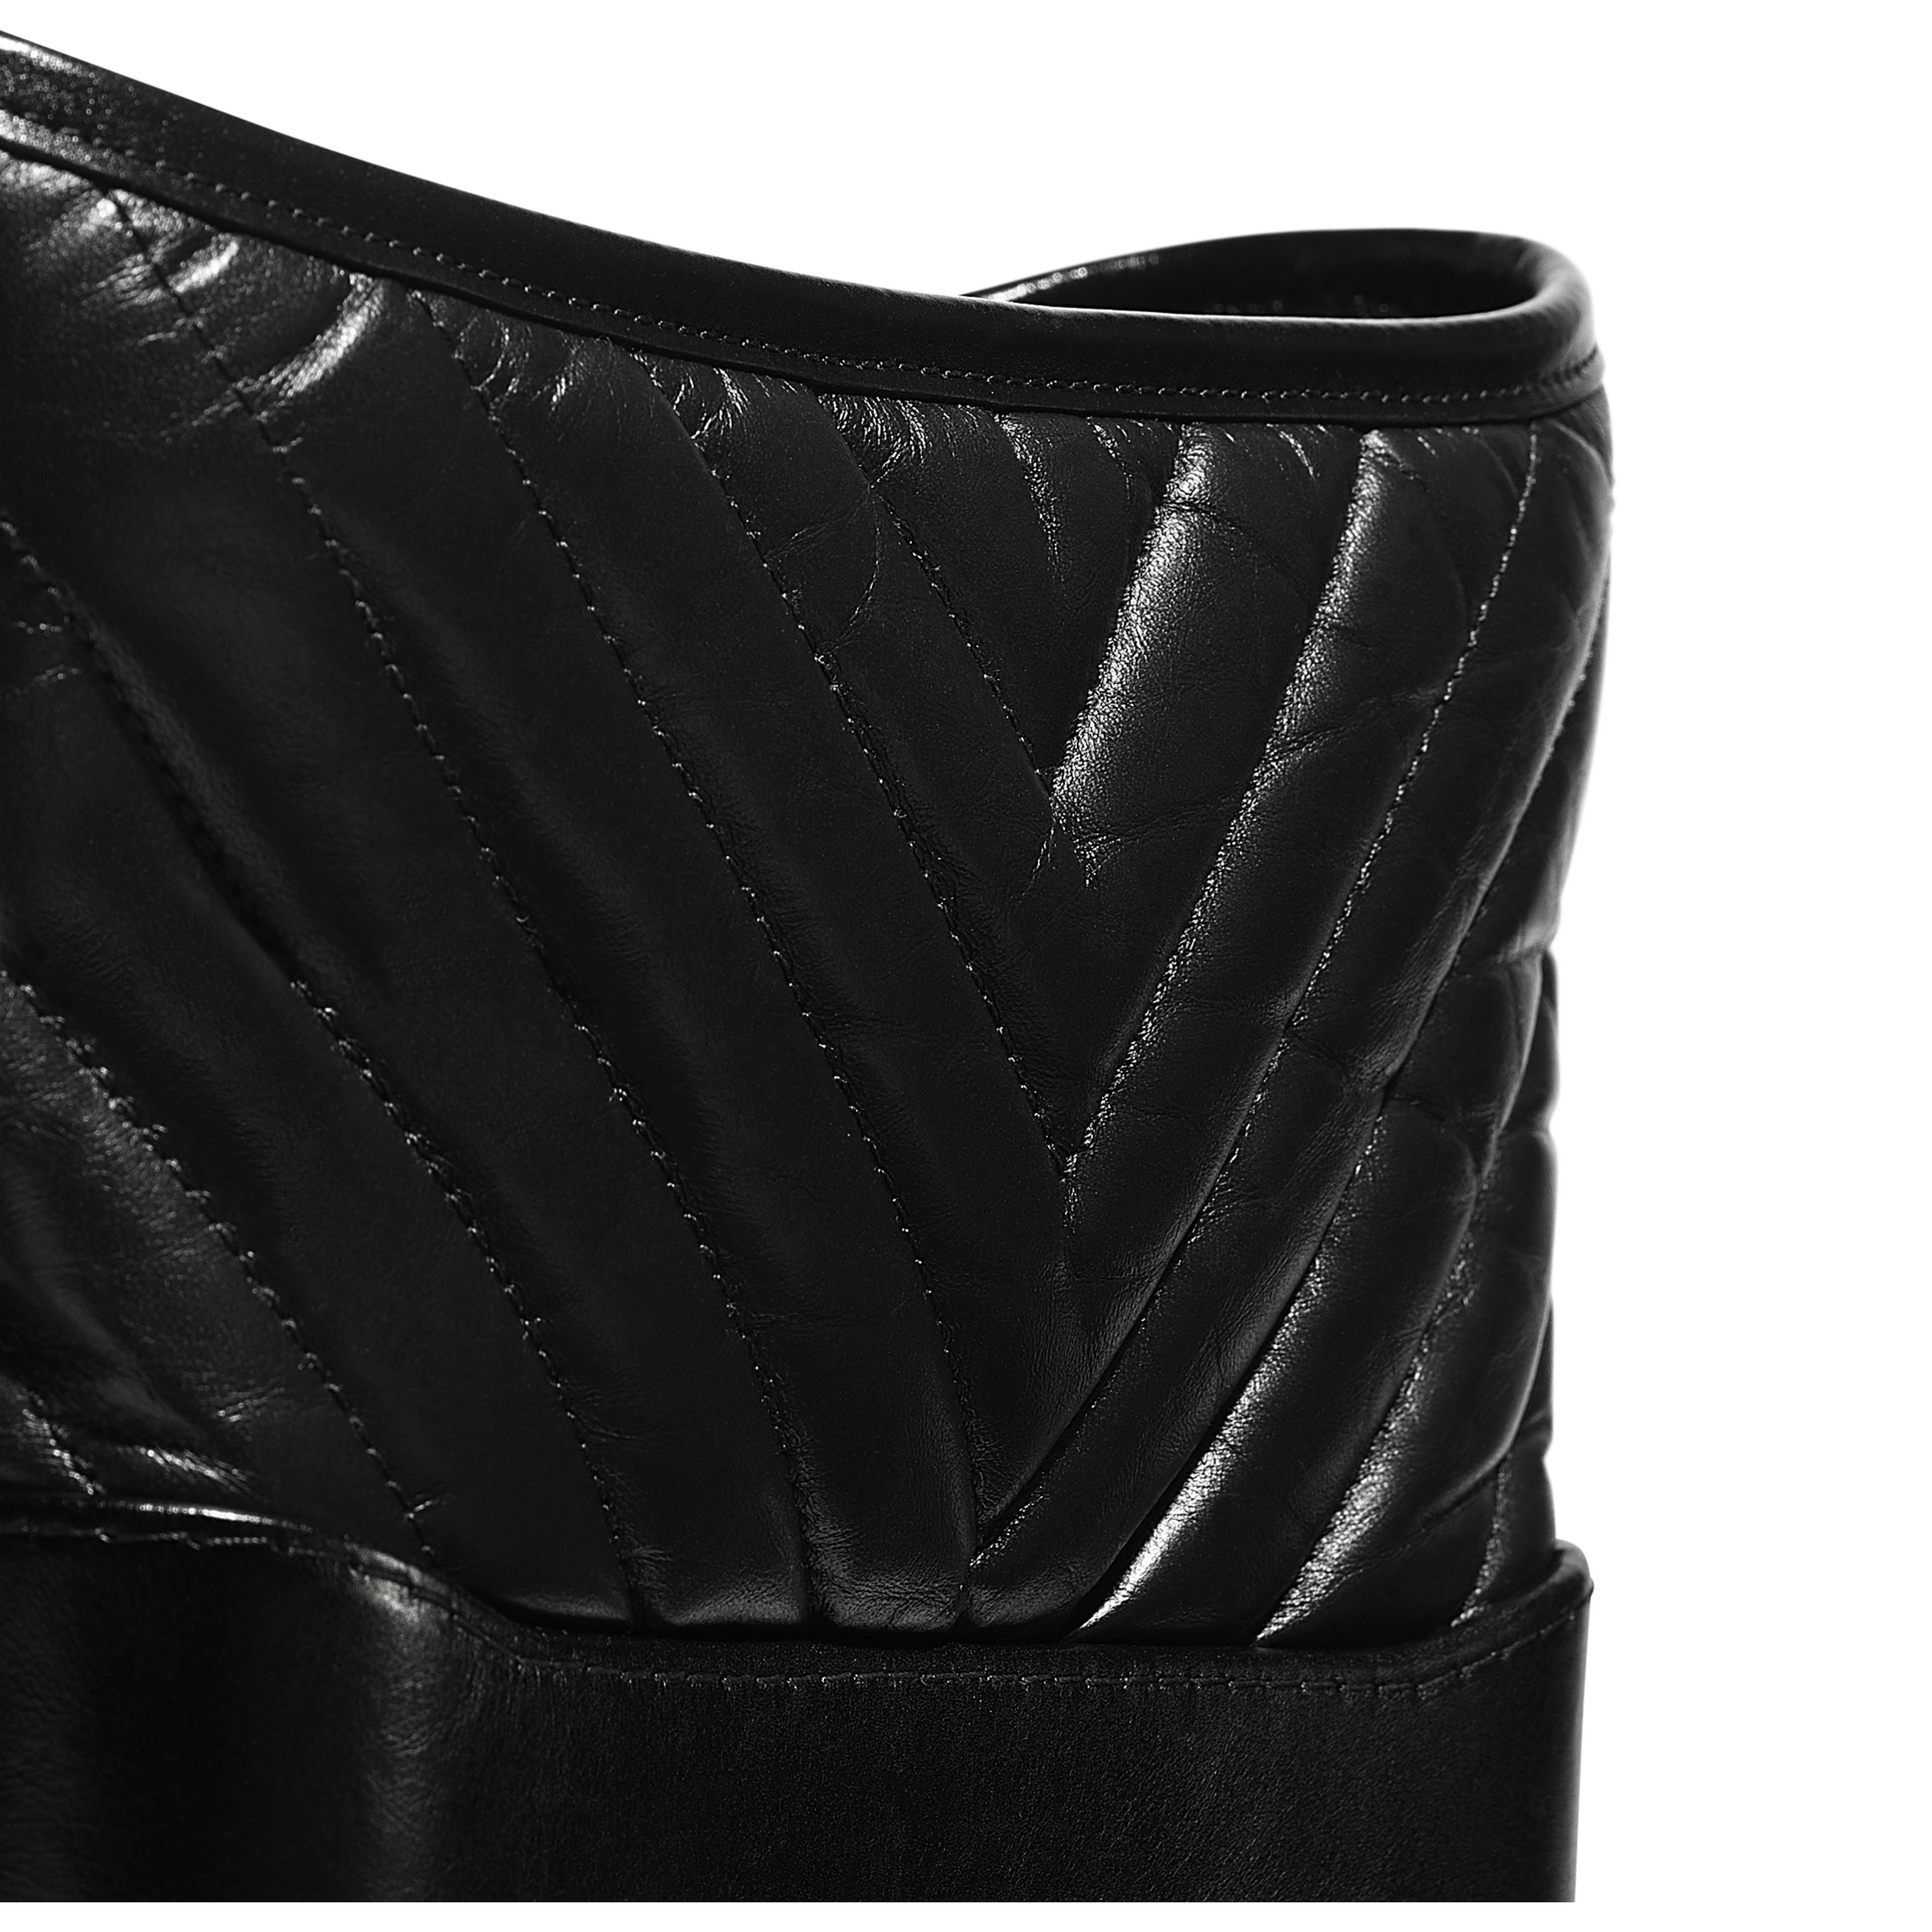 กระเป๋าโฮโบ CHANEL's GABRIELLE ใบเล็ก - สีดำ - หนังวัว หนังลูกวัวชนิดเรียบ และโลหะสีดำ - มุมมองพิเศษ - ดูเวอร์ชันขนาดเต็ม